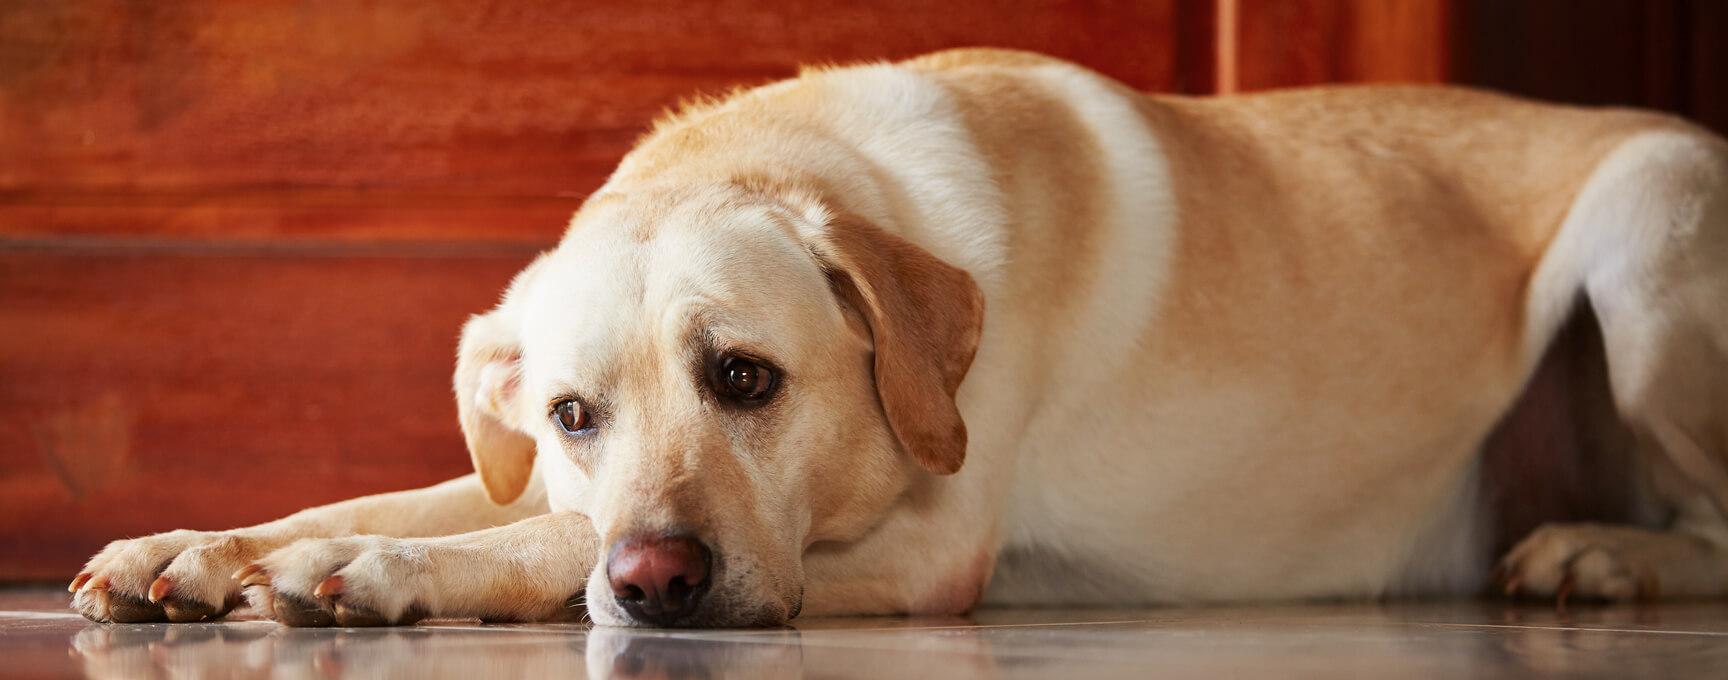 Hund der Rasse Golden Retriever Labrador Misch liegt auf Fließen und schaut dabei sehr traurigt, weil der alleine daheim ist niemand da ist.